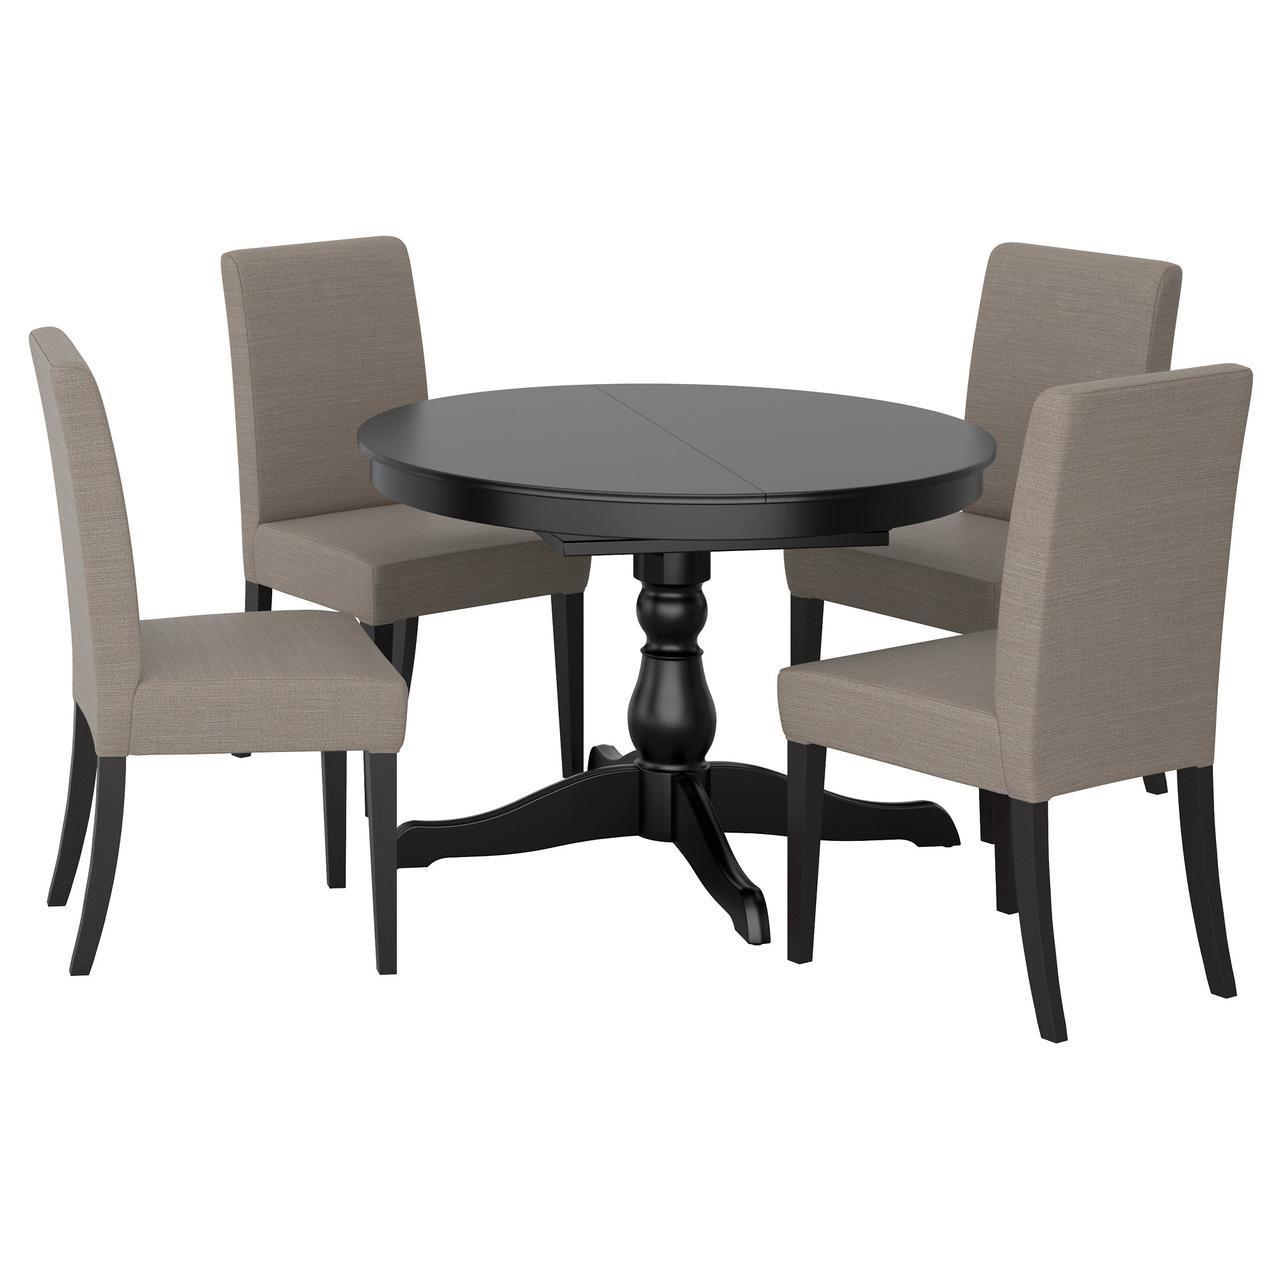 Ikea Ingatorp Henriksdal 691 615 71 стол и 4 стула черный